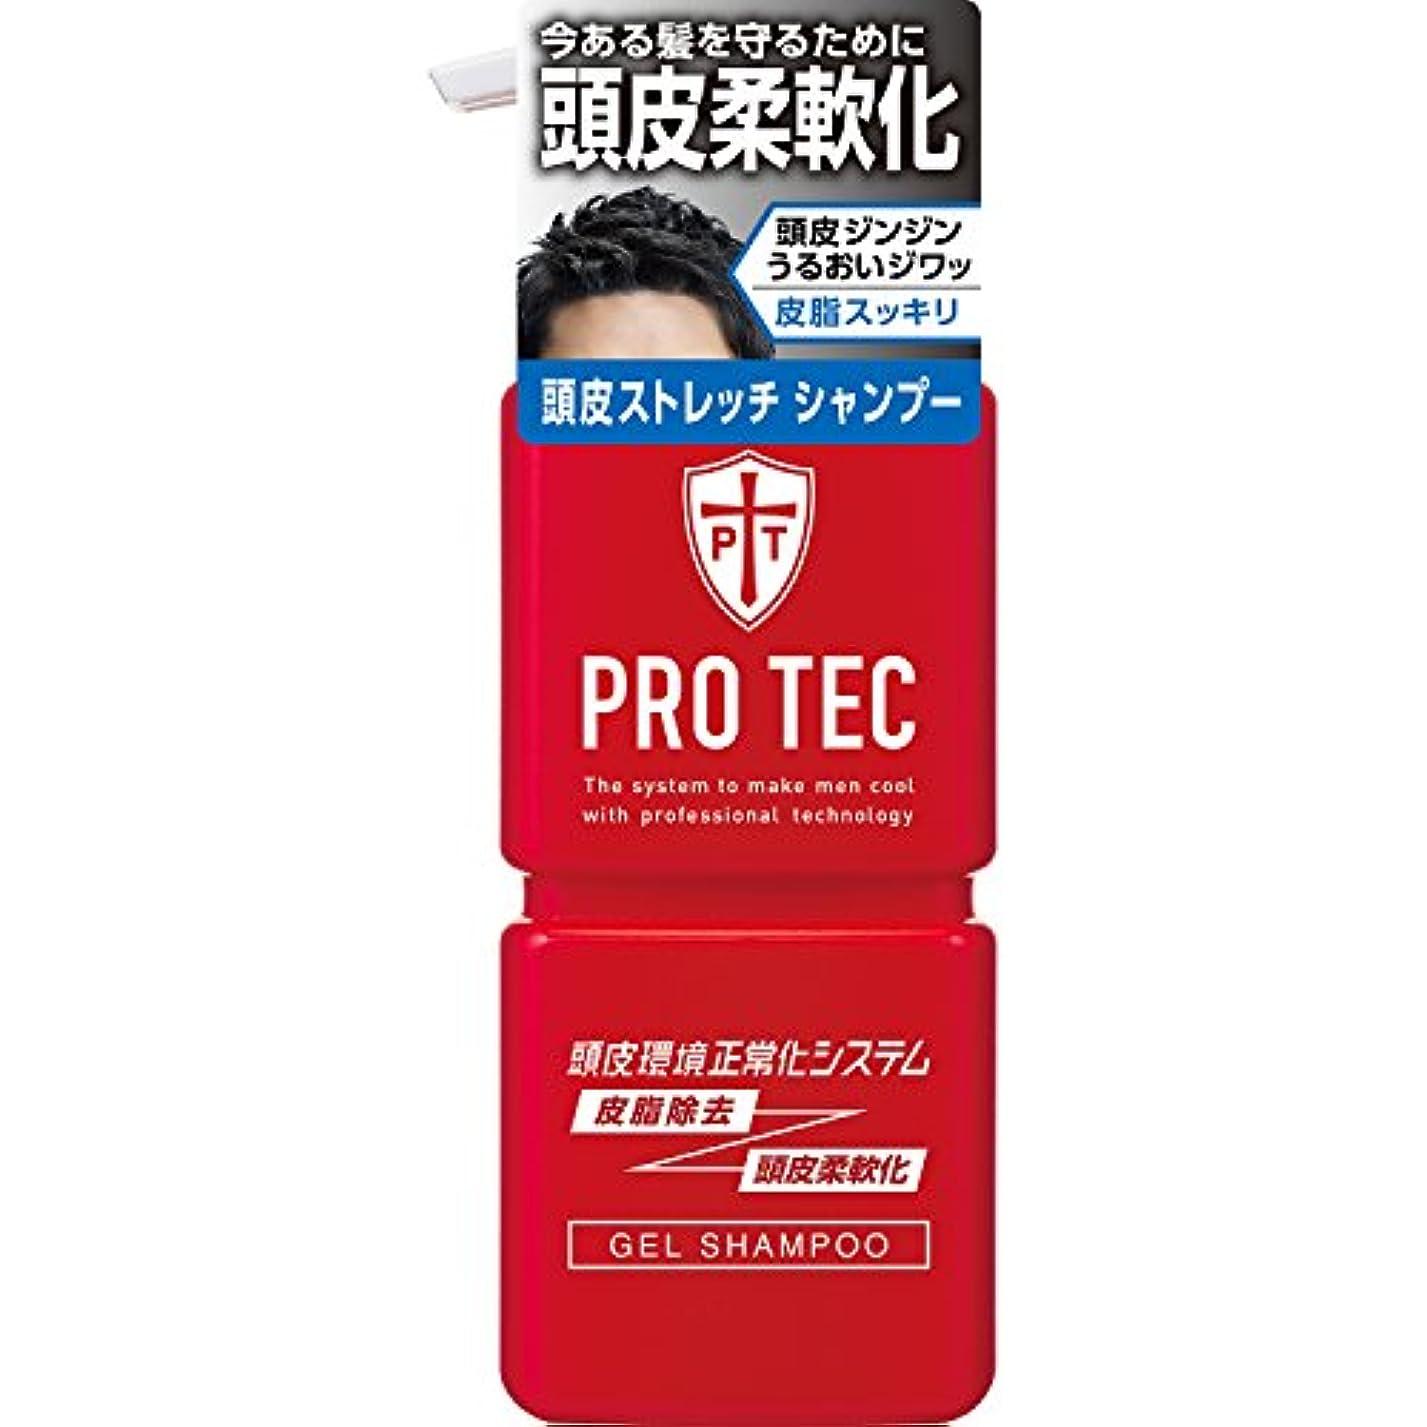 避ける火星王位PRO TEC(プロテク) 頭皮ストレッチ シャンプー 本体ポンプ 300g(医薬部外品)